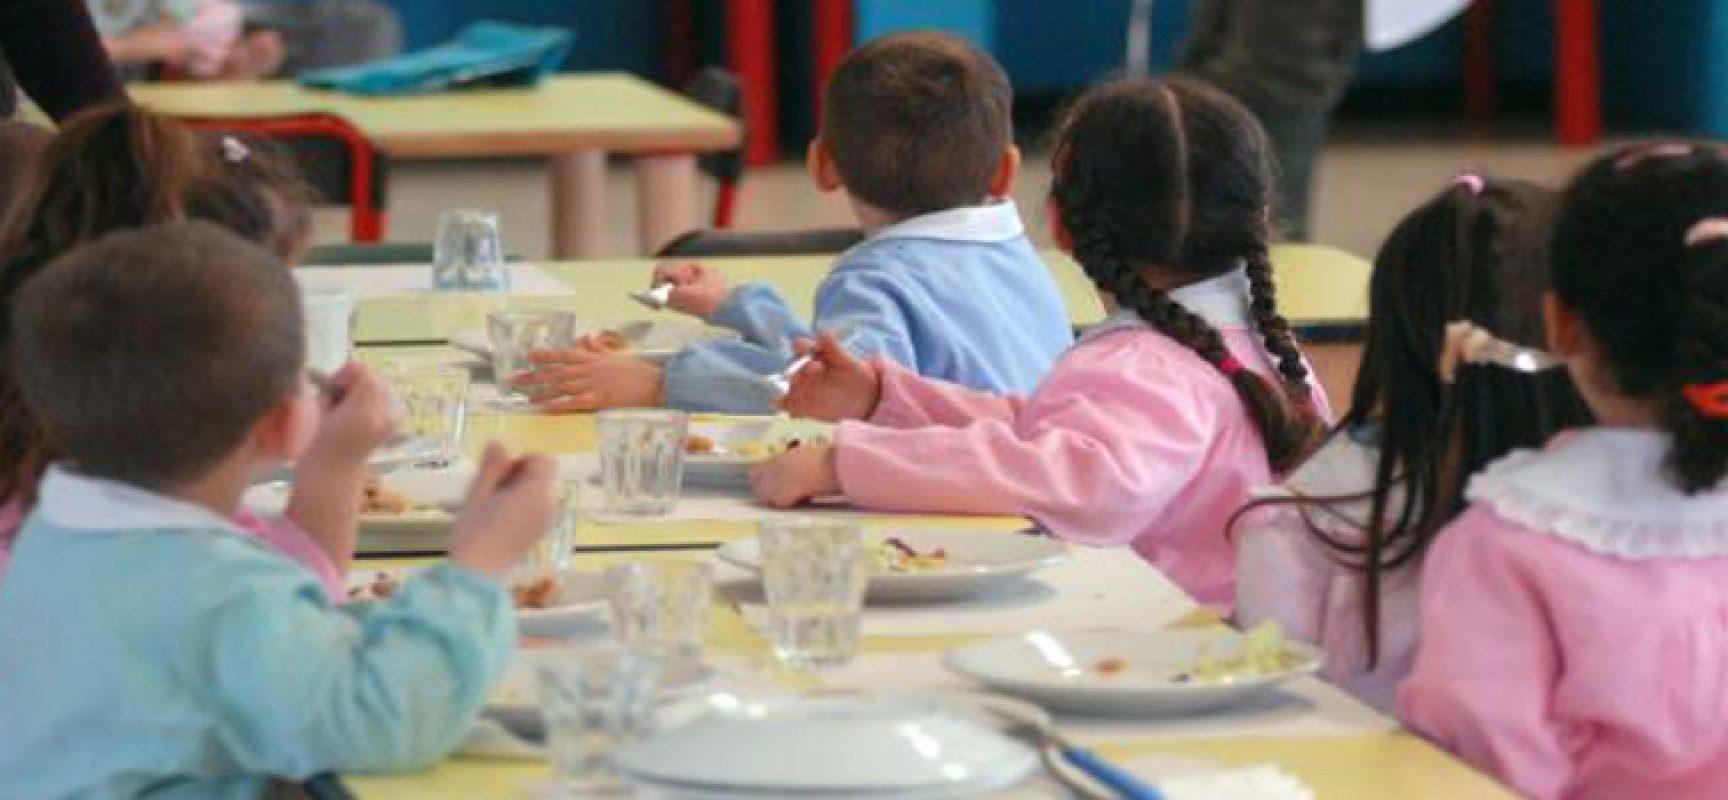 Menu mense scolastiche, concordate modifiche per migliorare il servizio